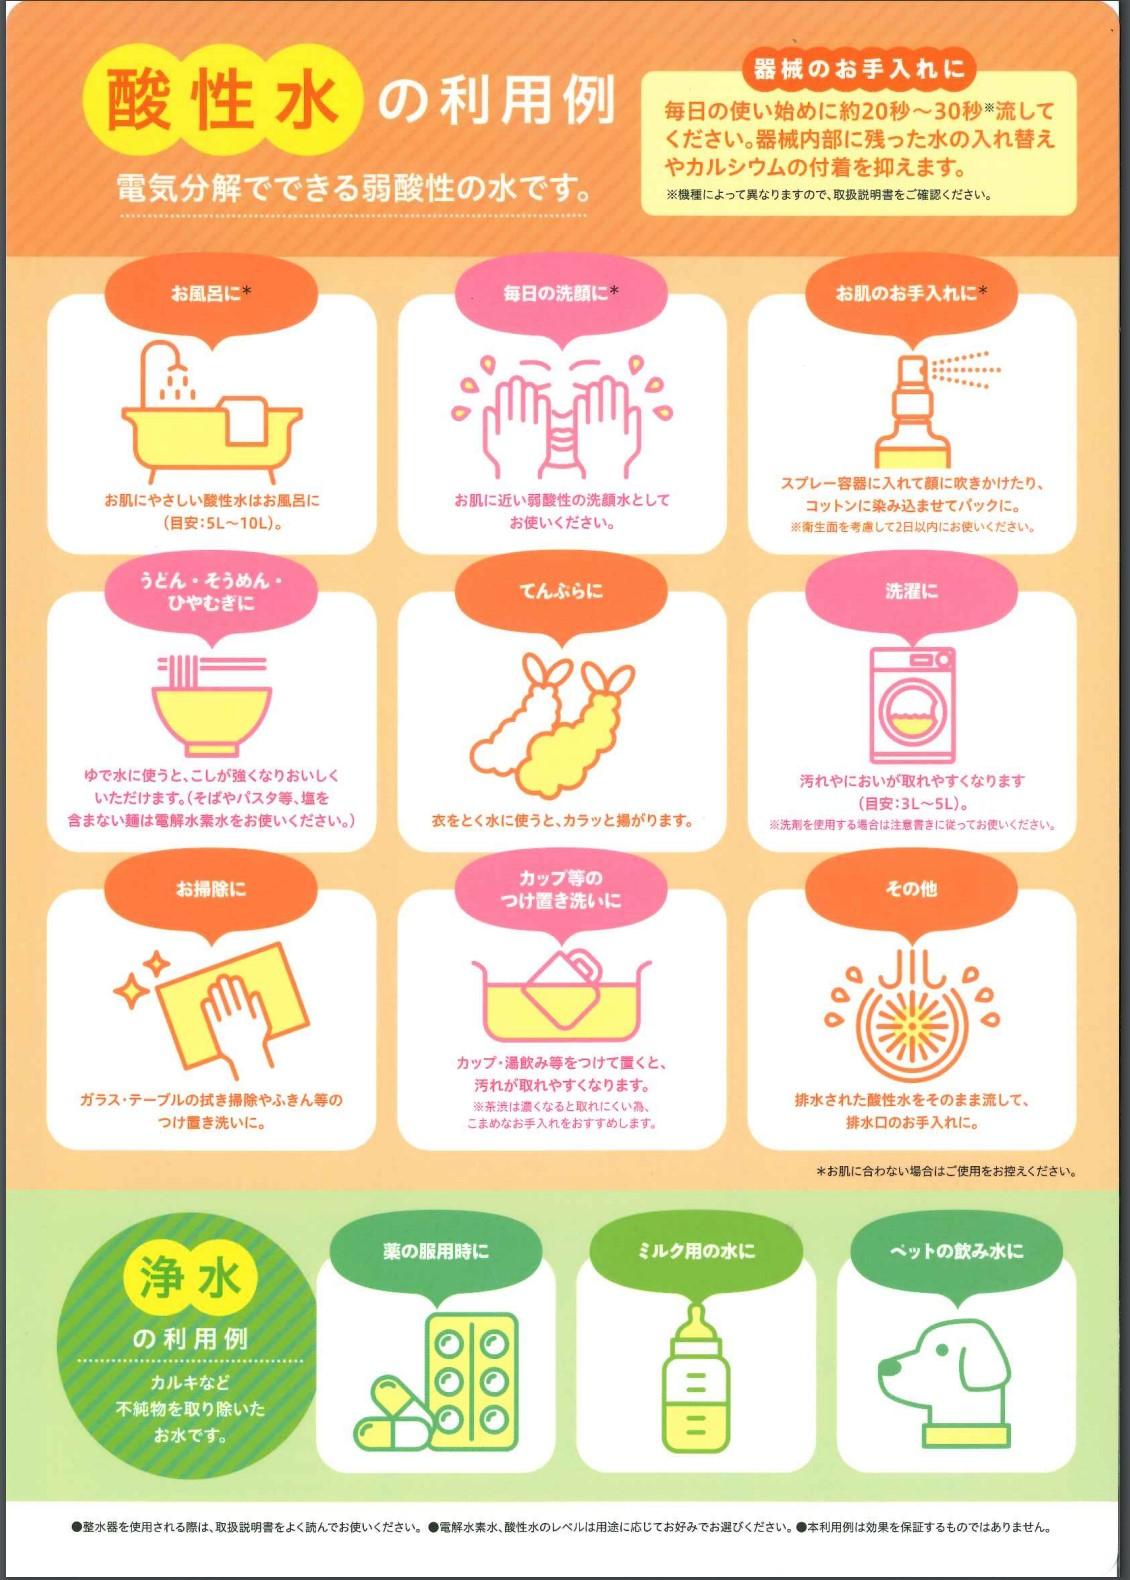 日本 トリム 酸性 水